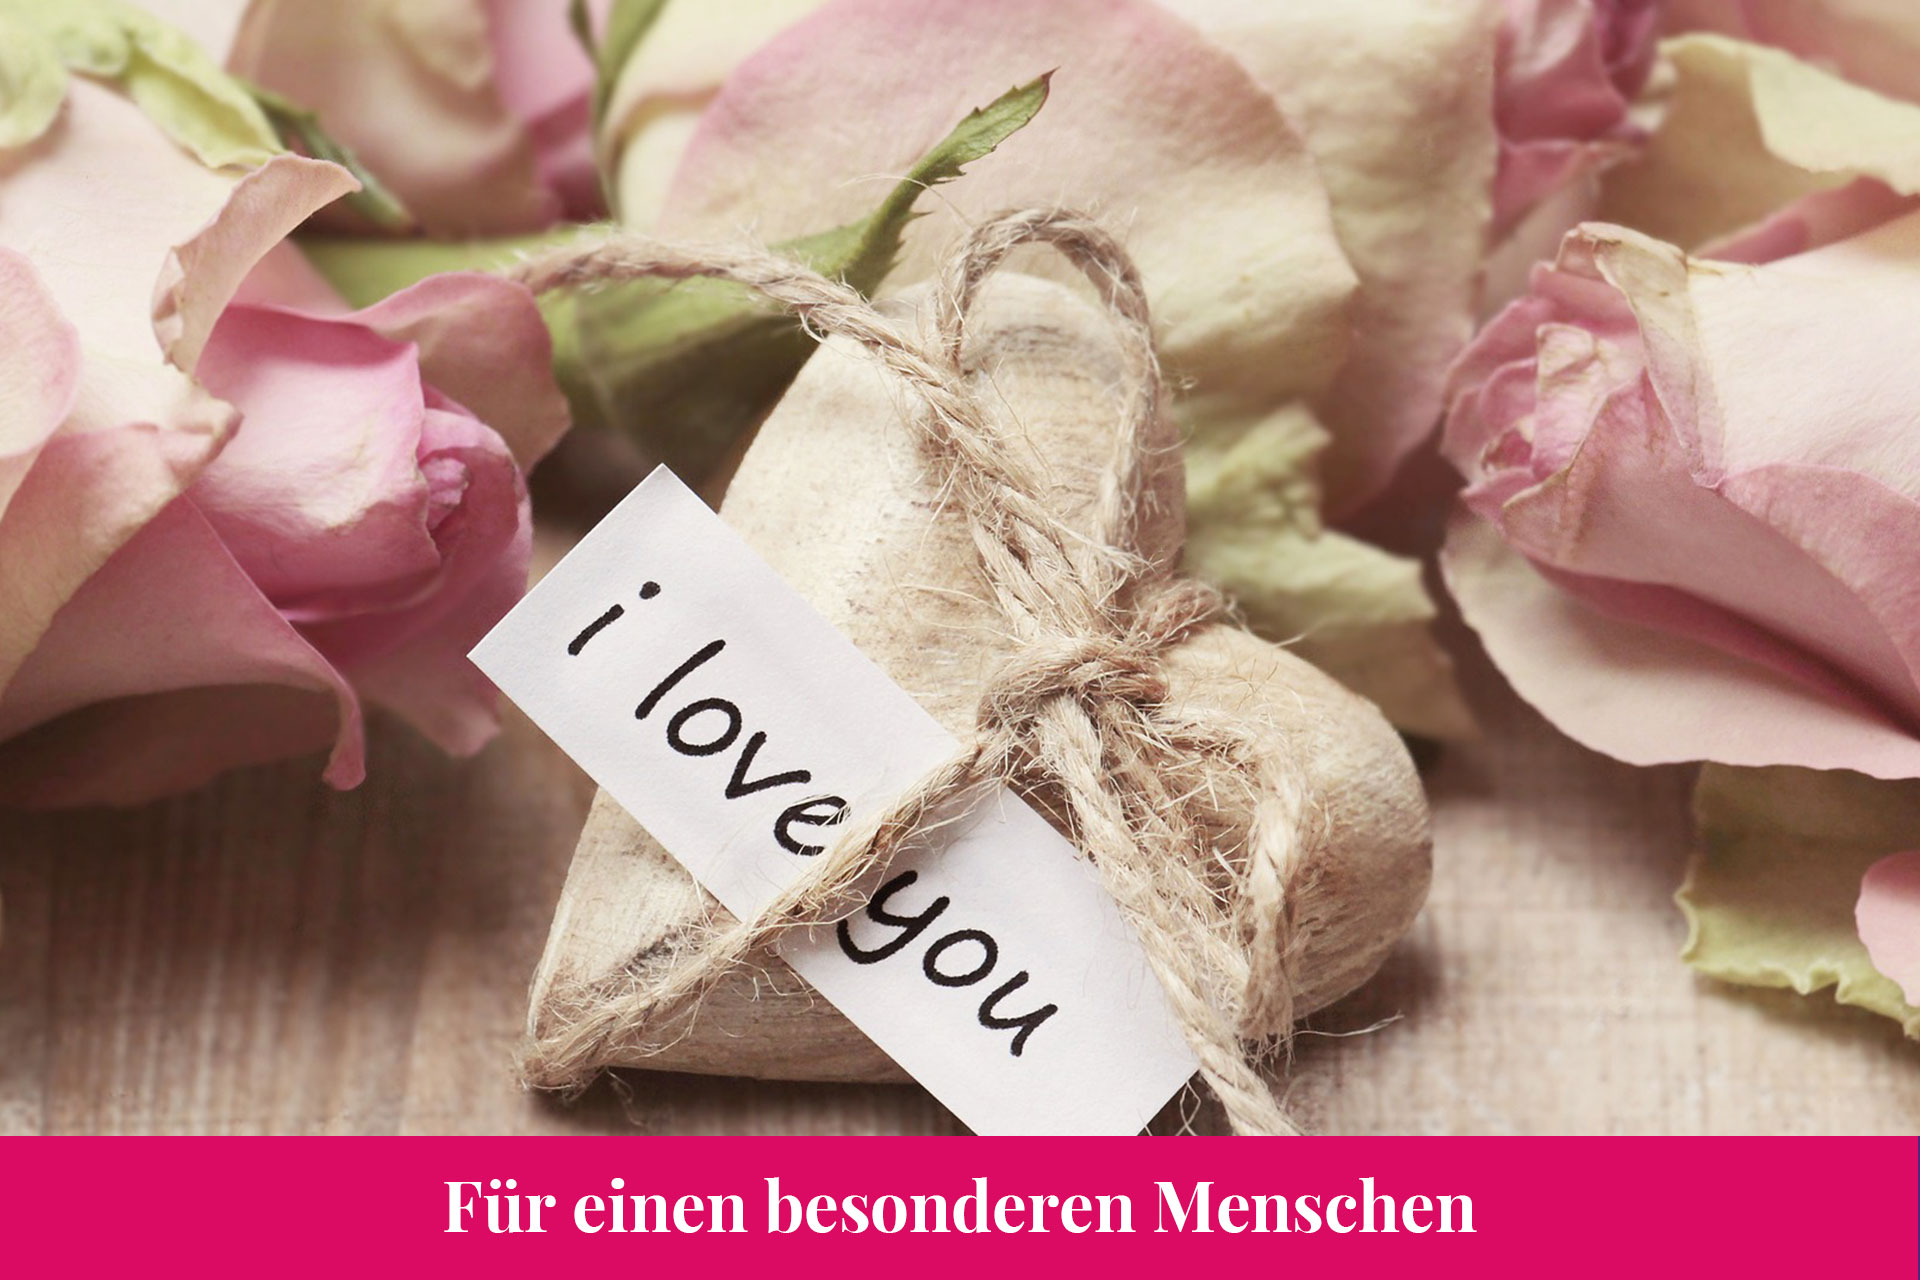 Reise-Gutschein - I love you